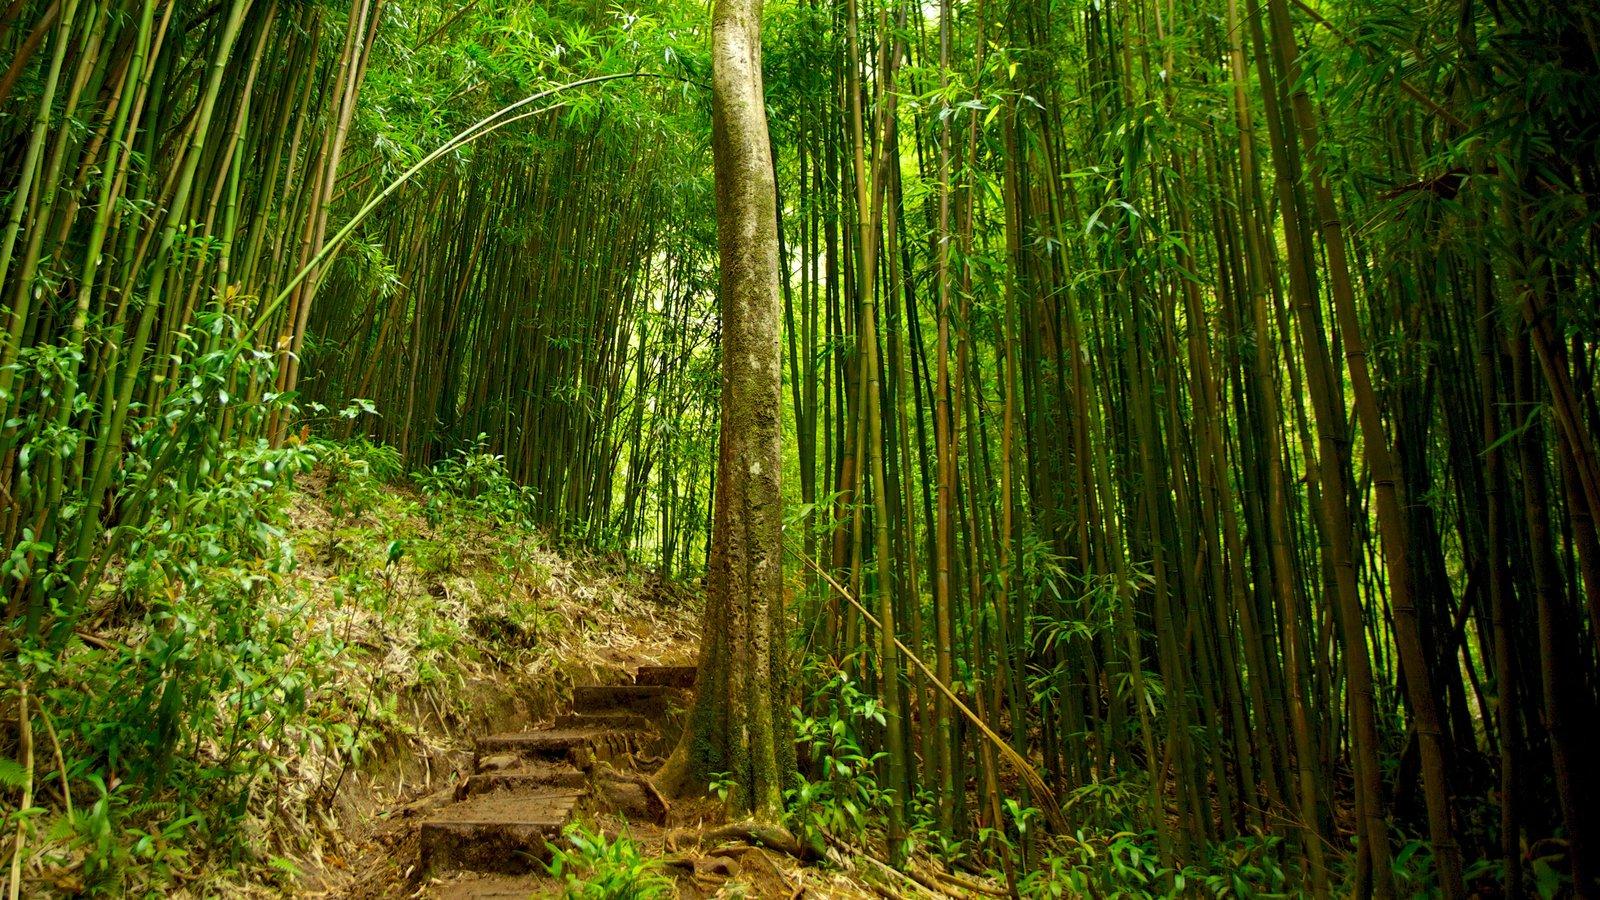 Honolulú que incluye escenas forestales, vistas de paisajes y selva